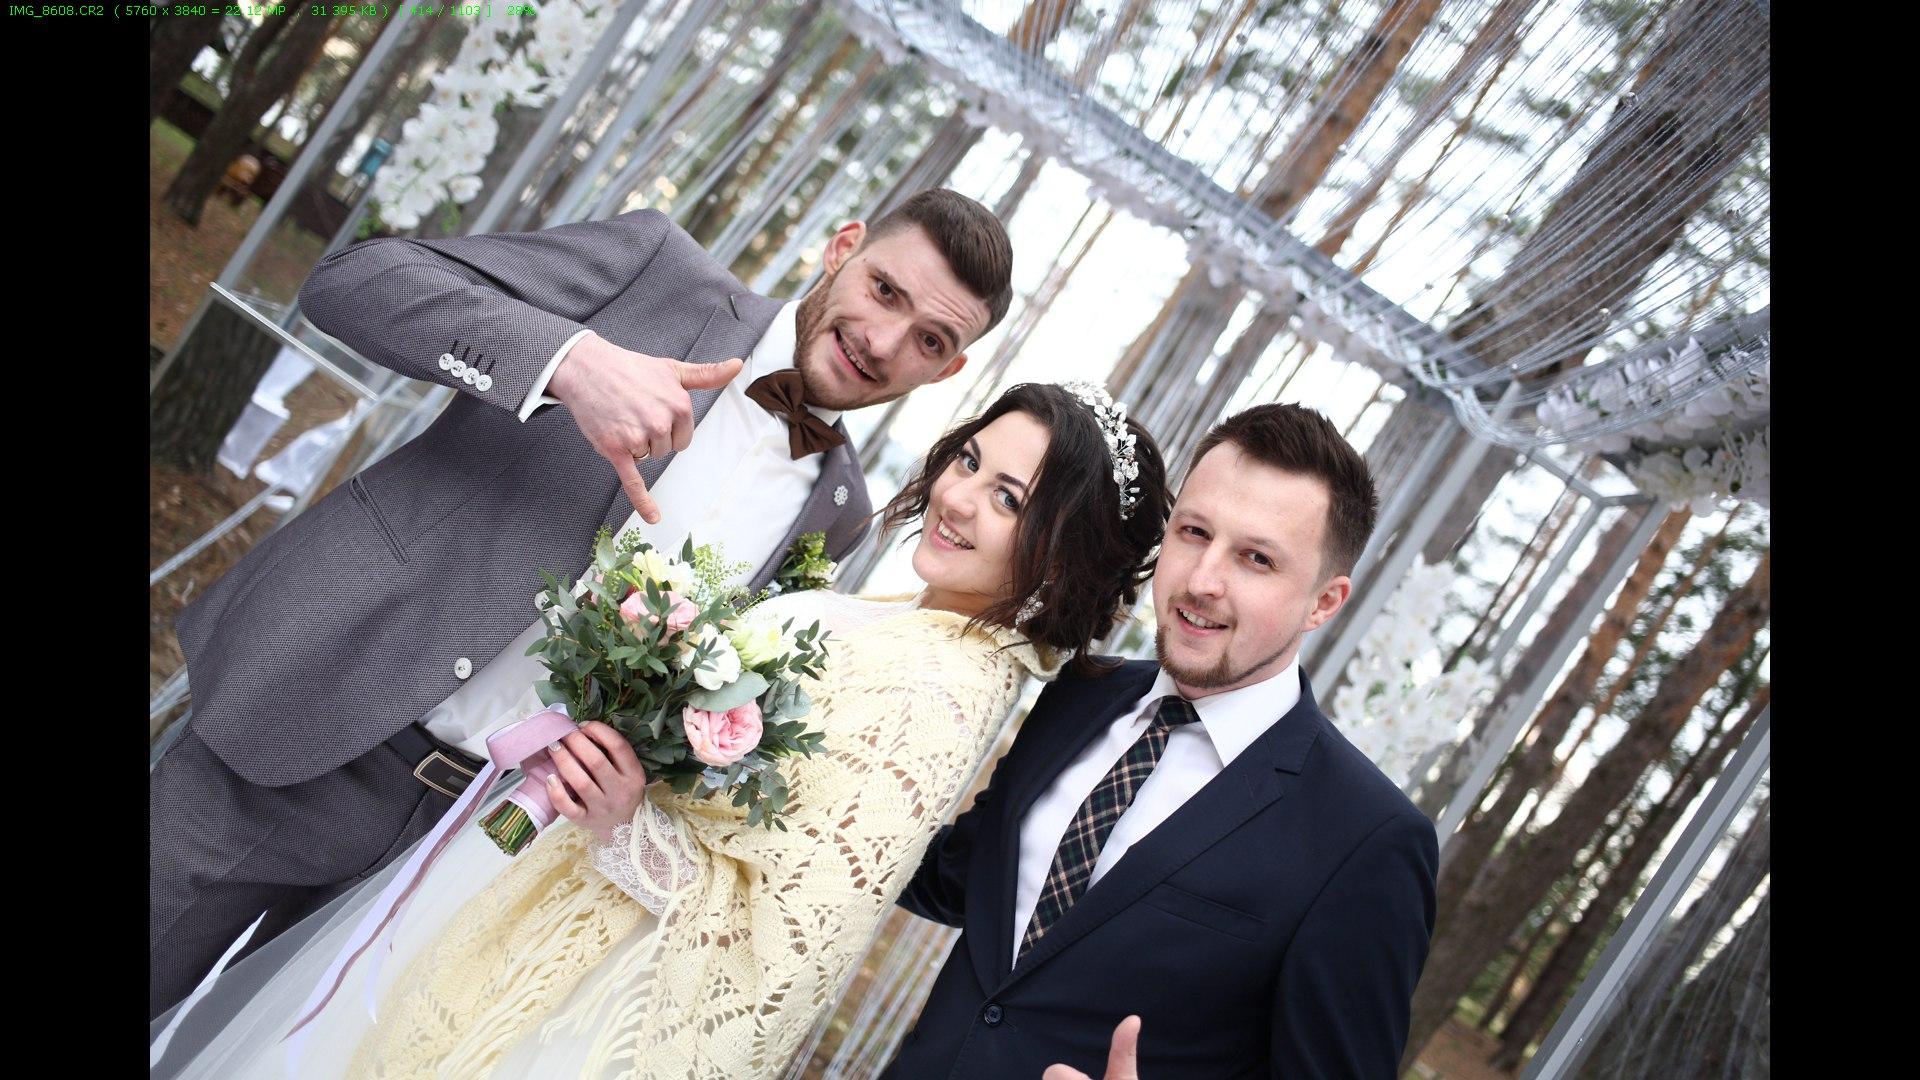 Поздравление на свадьбе если мы в ссоре фото 609